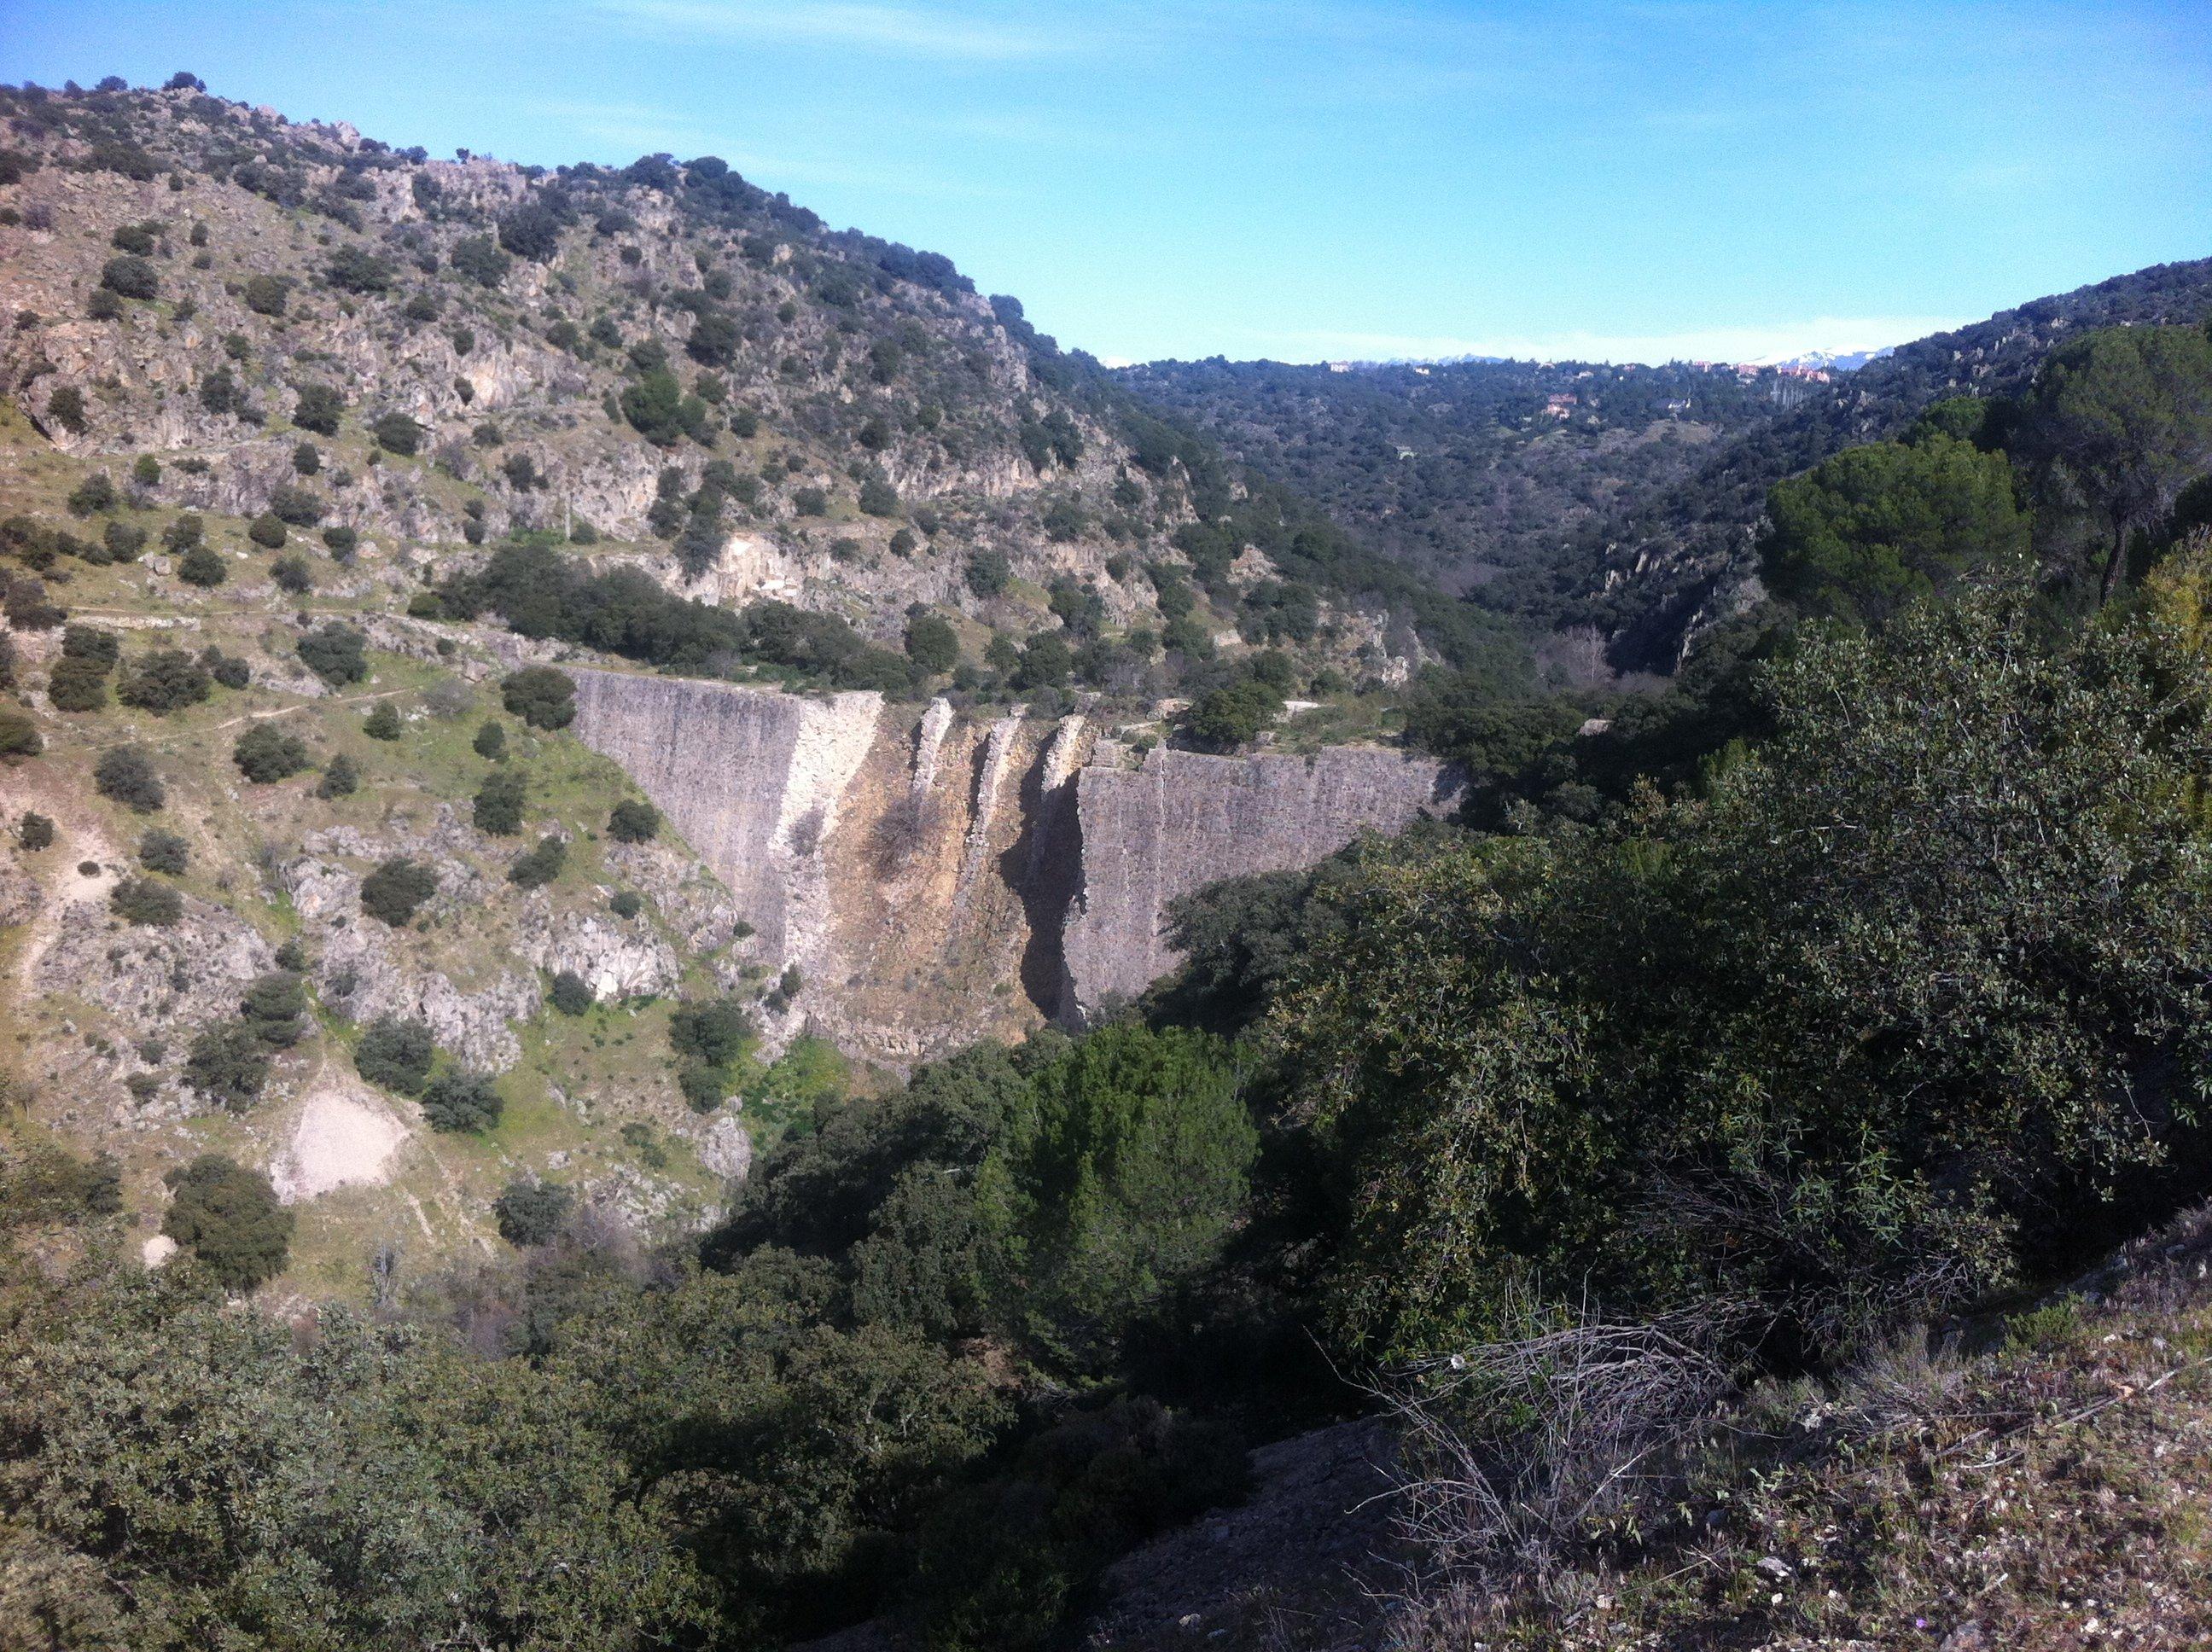 La presa del Gasco y la atalaya de Torrelodones